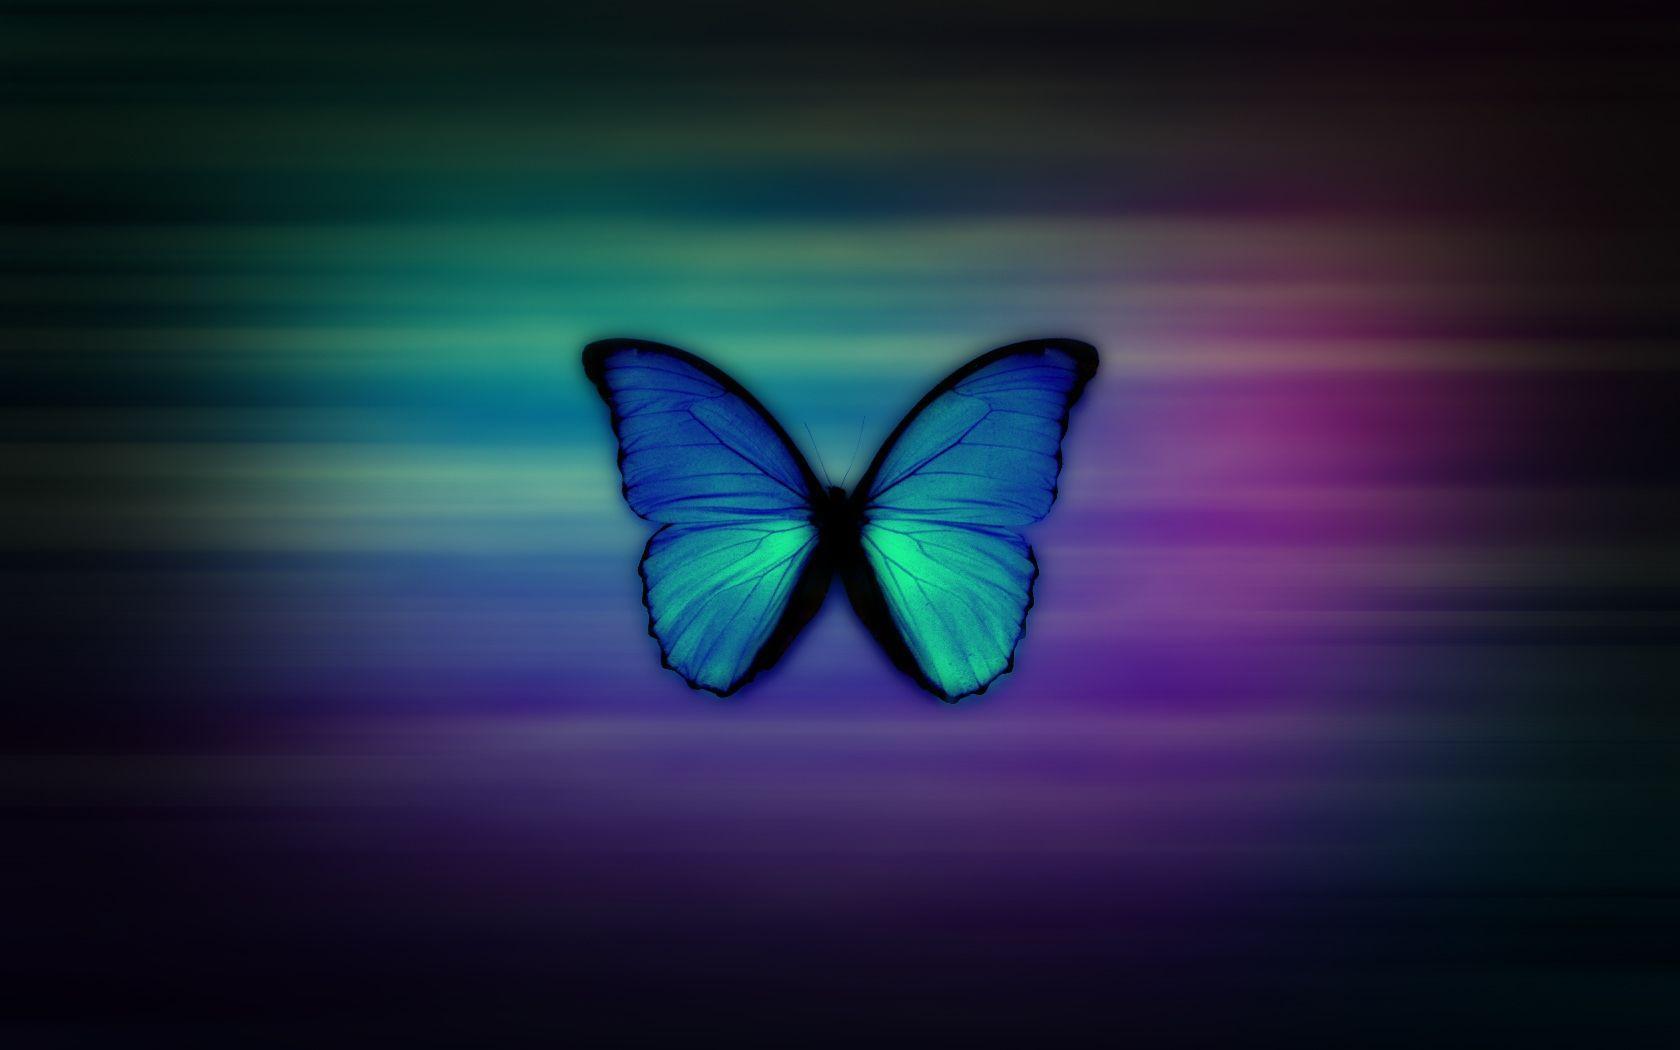 1680x1050 hình nền nữ tính bướm - Tải xuống hình nền tốt nhất